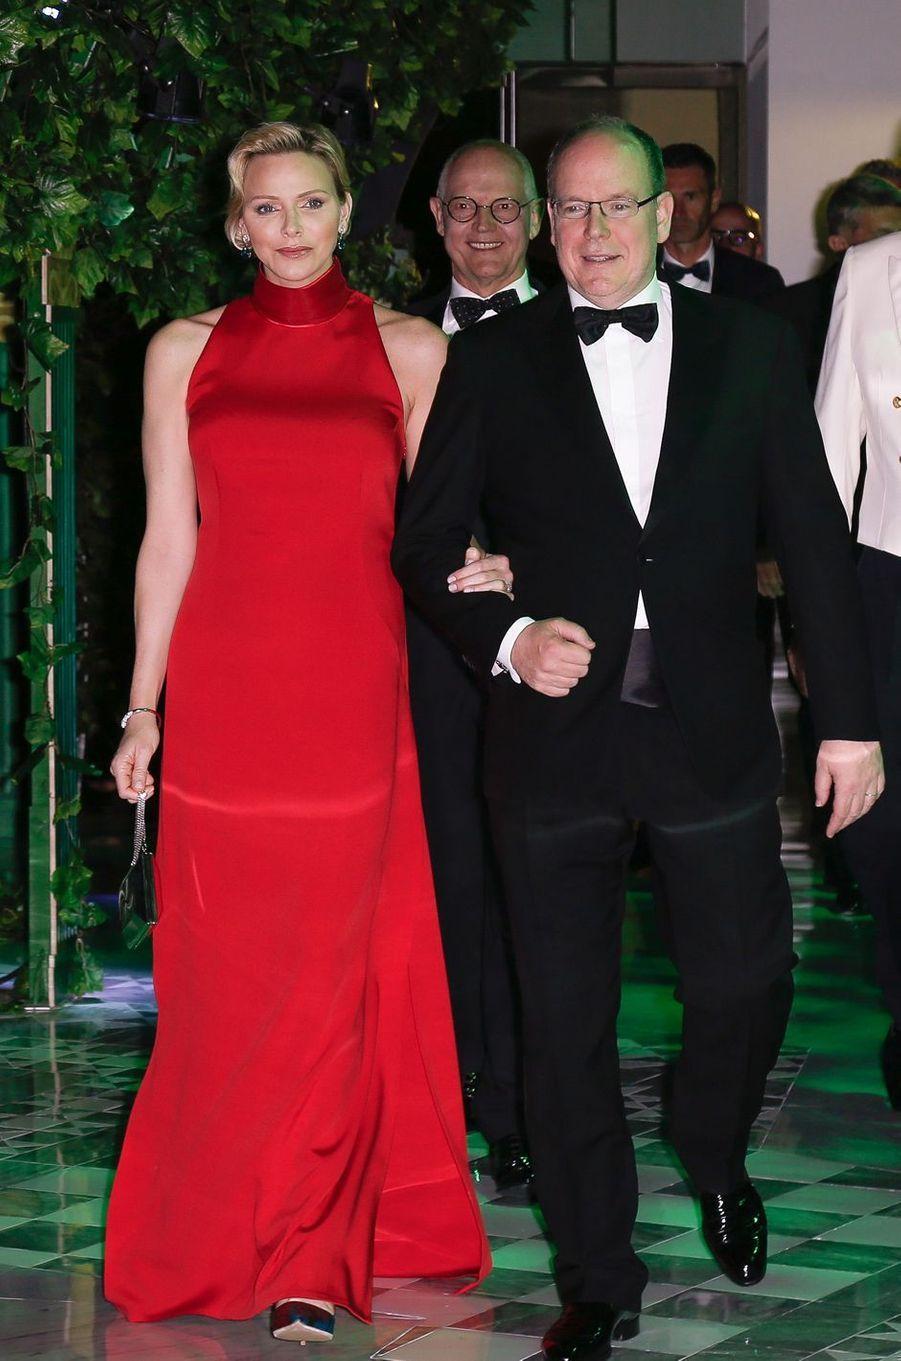 La princesse Charlène de Monaco au dîner du gala du 77e Grand Prix de Monaco, le 26 mai 2019